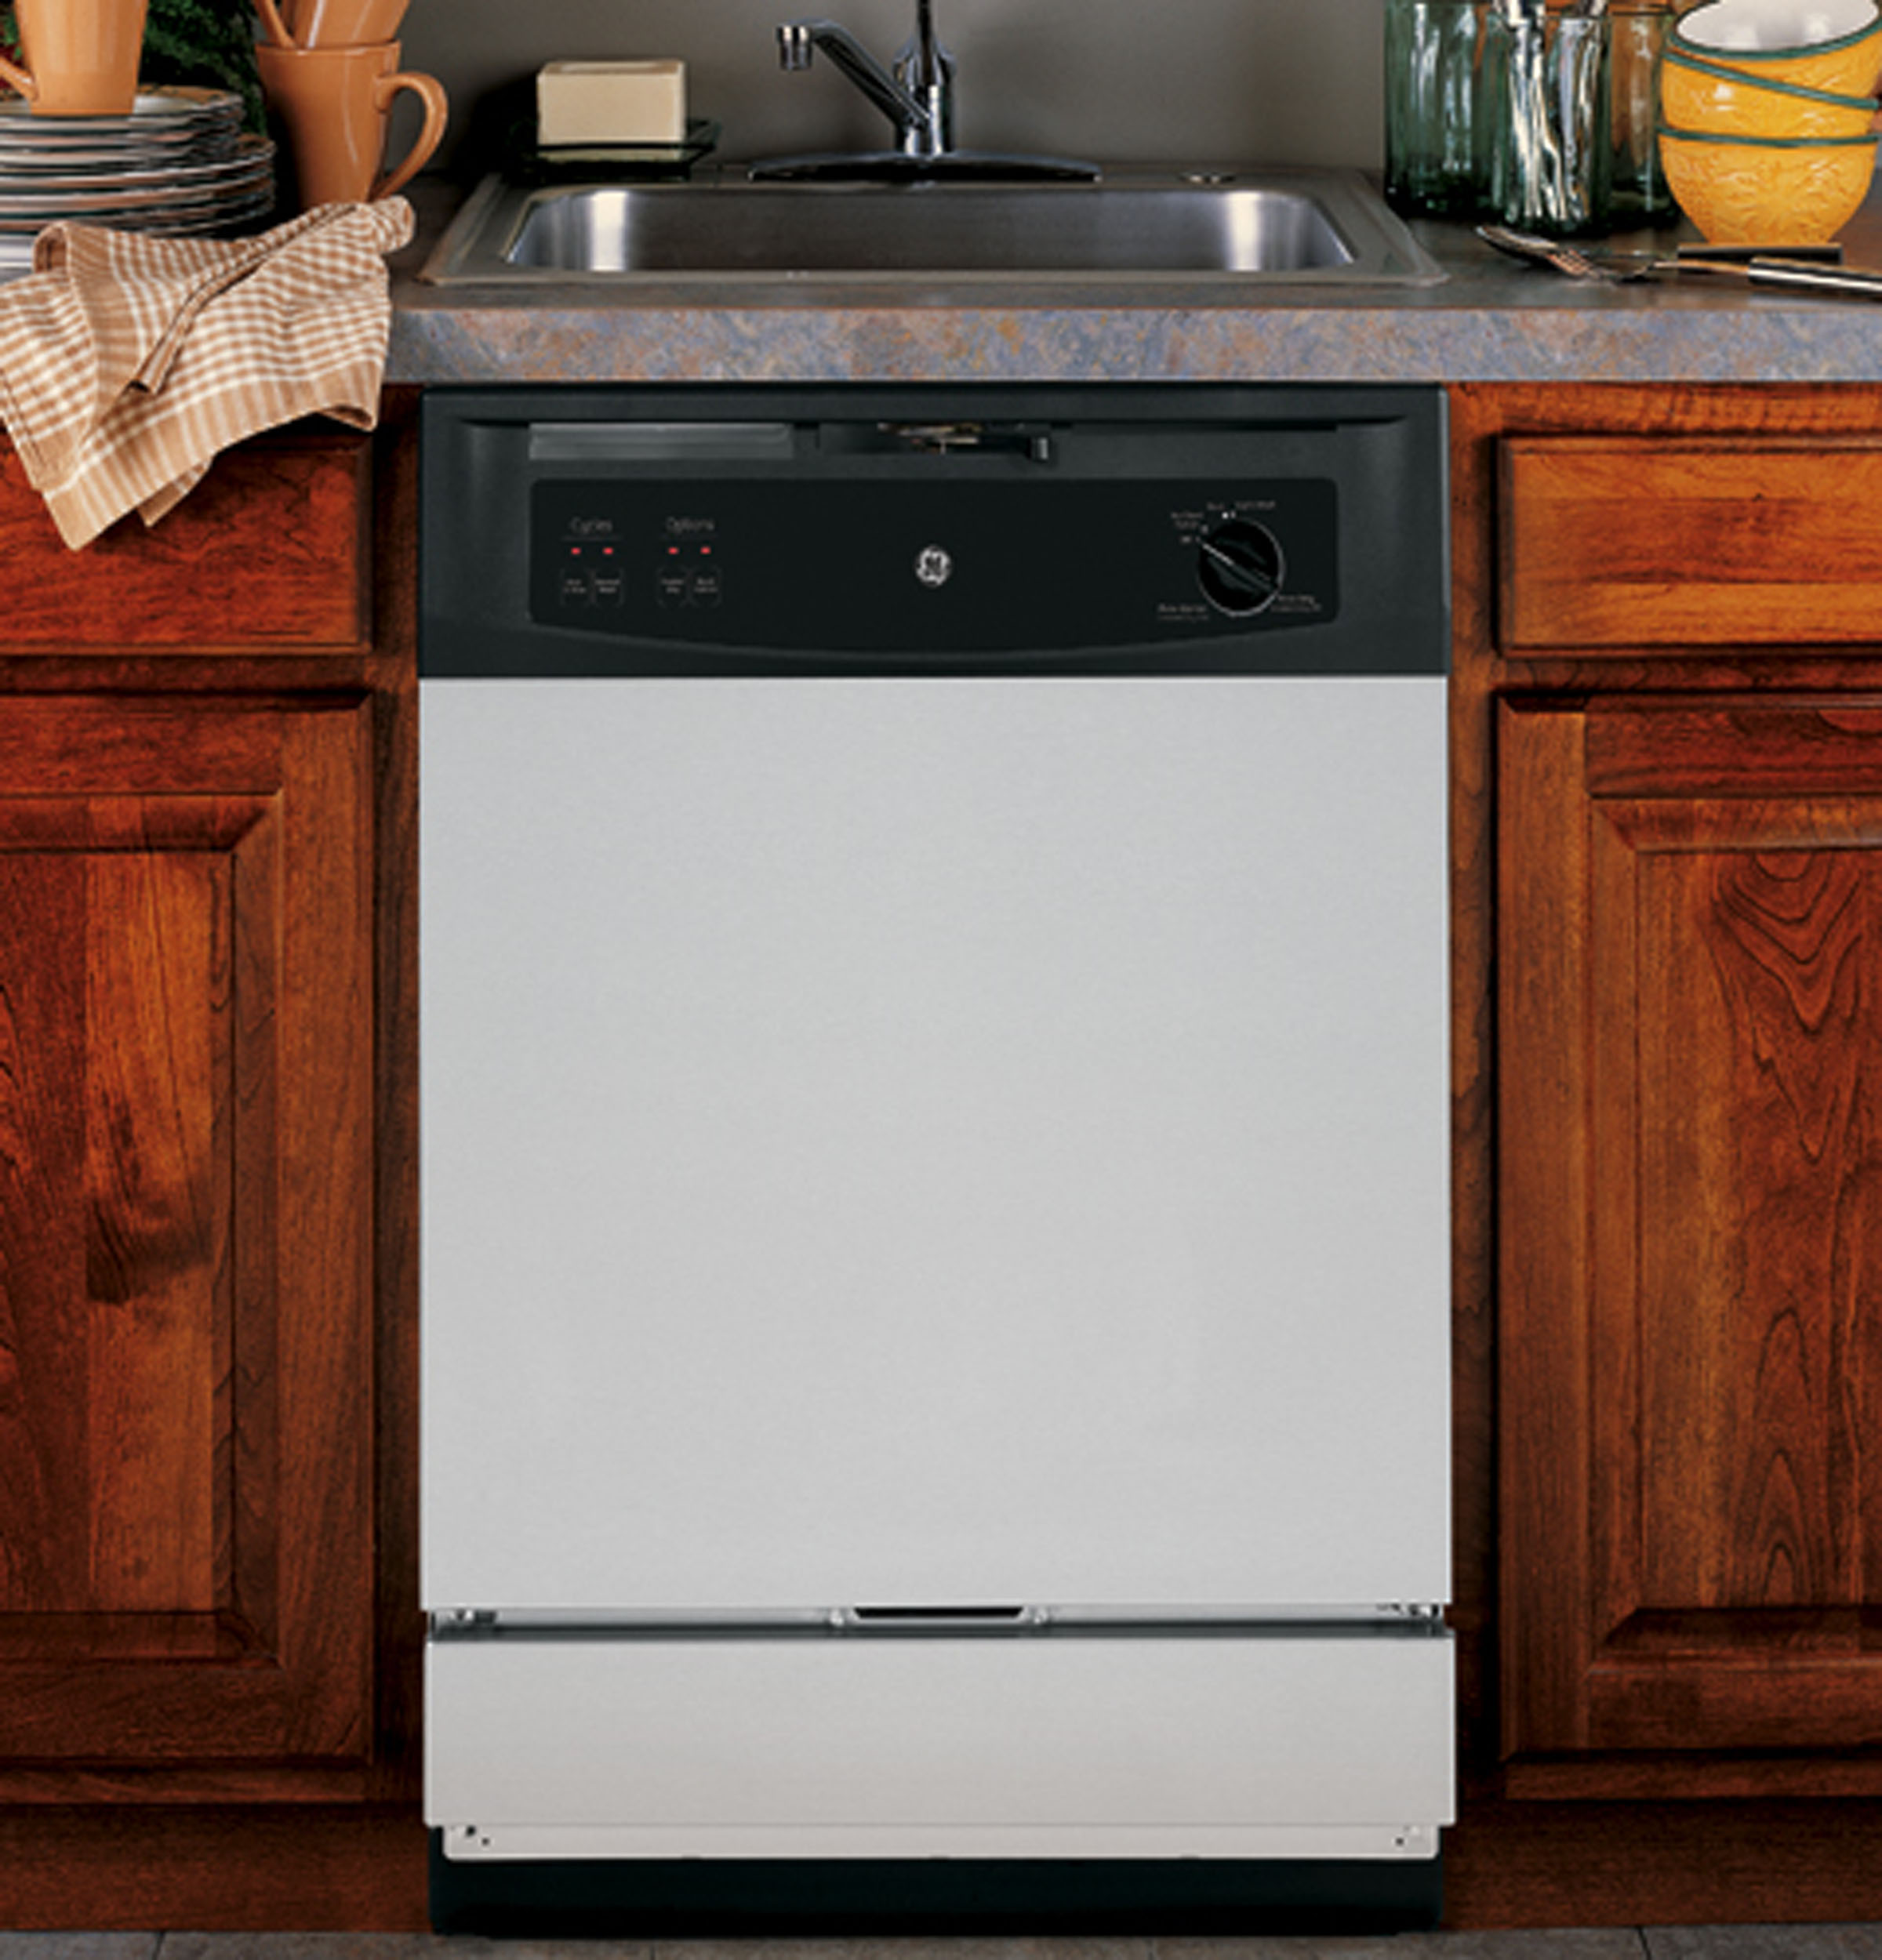 Model: GSM2260VSS | GE GE Spacemaker® Under-the-Sink Dishwasher